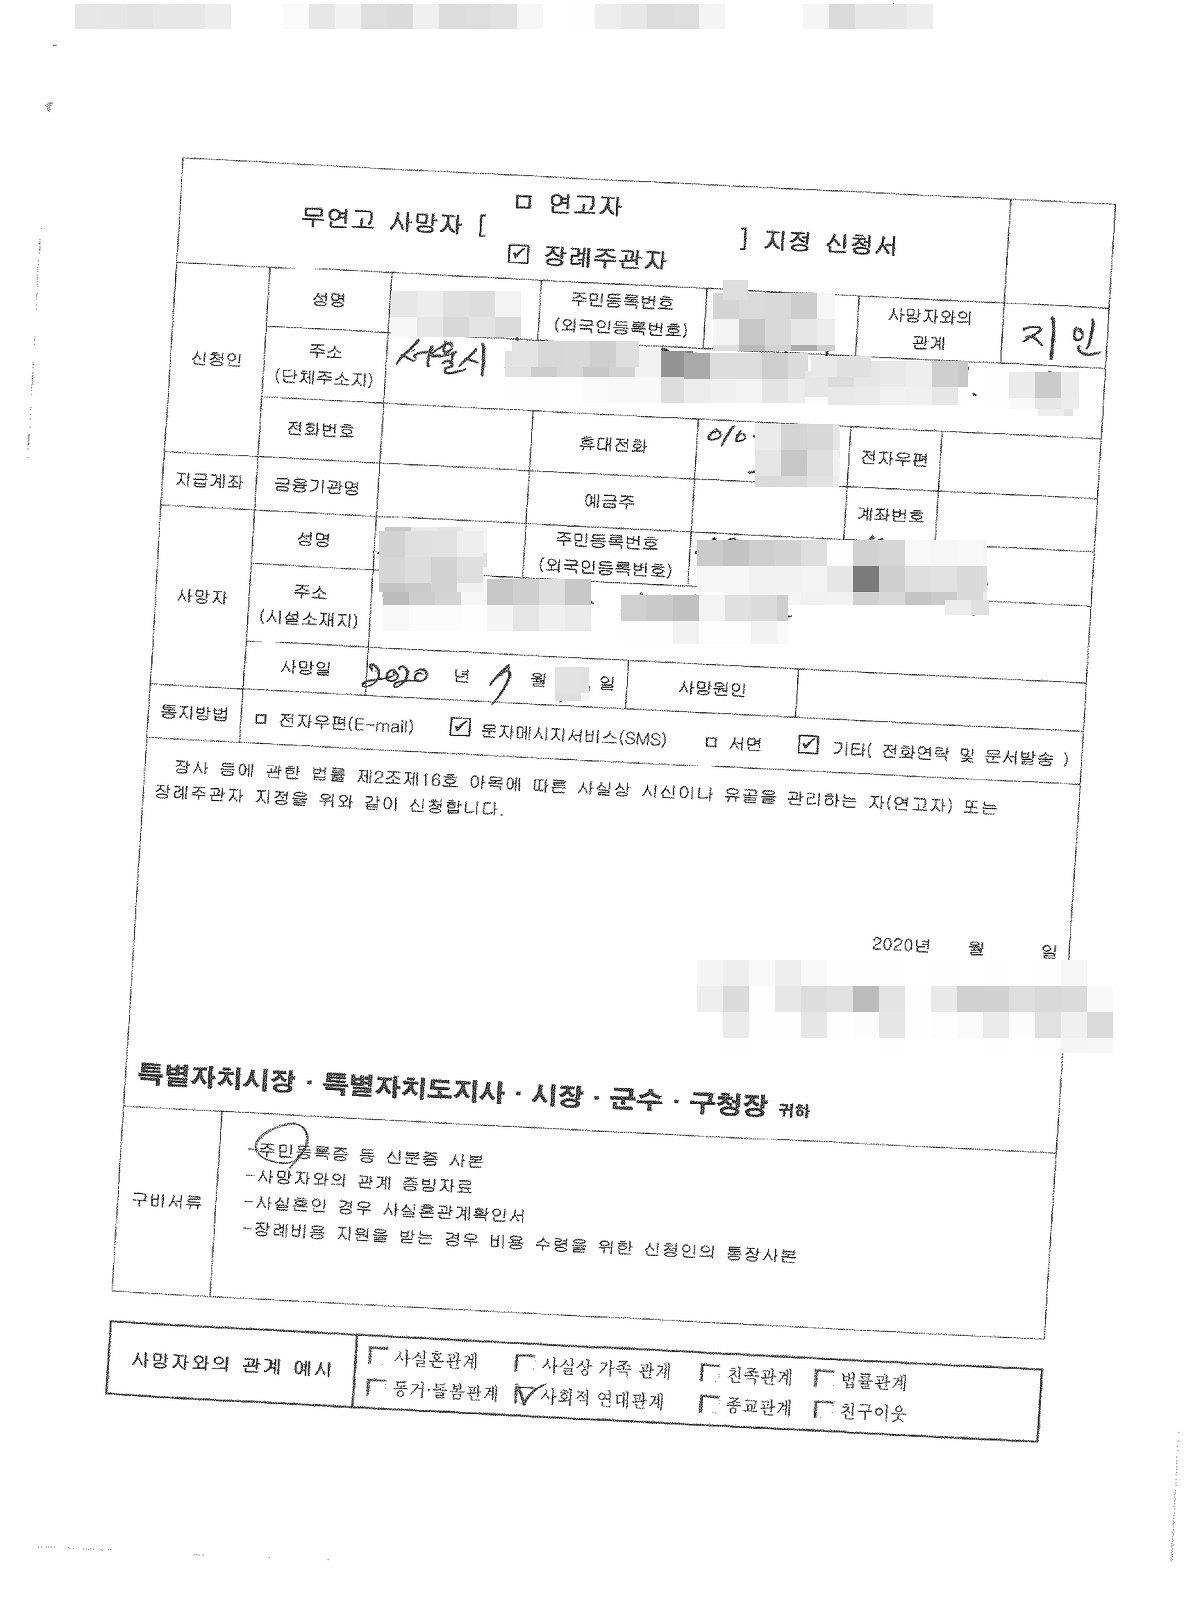 202010_002장례주관자 (1)